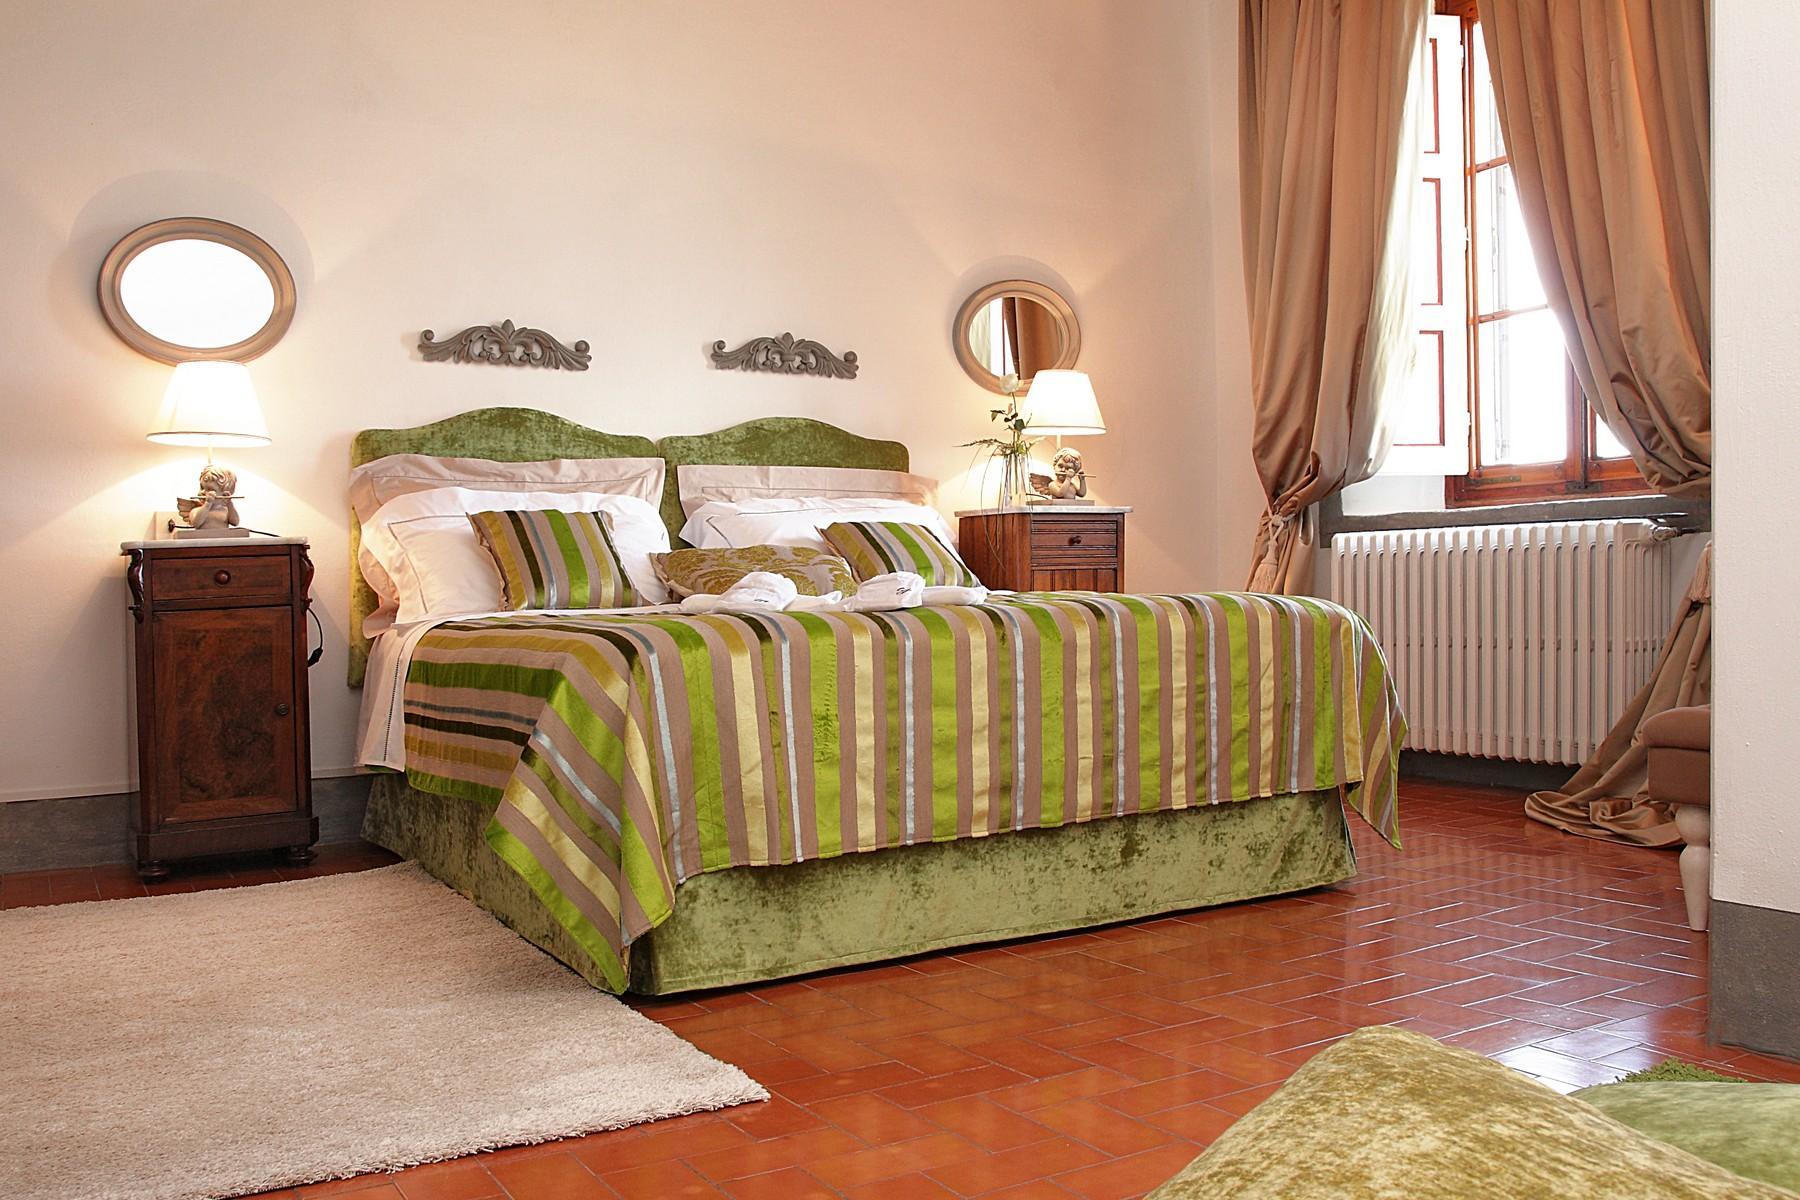 位于Chianti Classic中心历史悠久的庄园 - 10